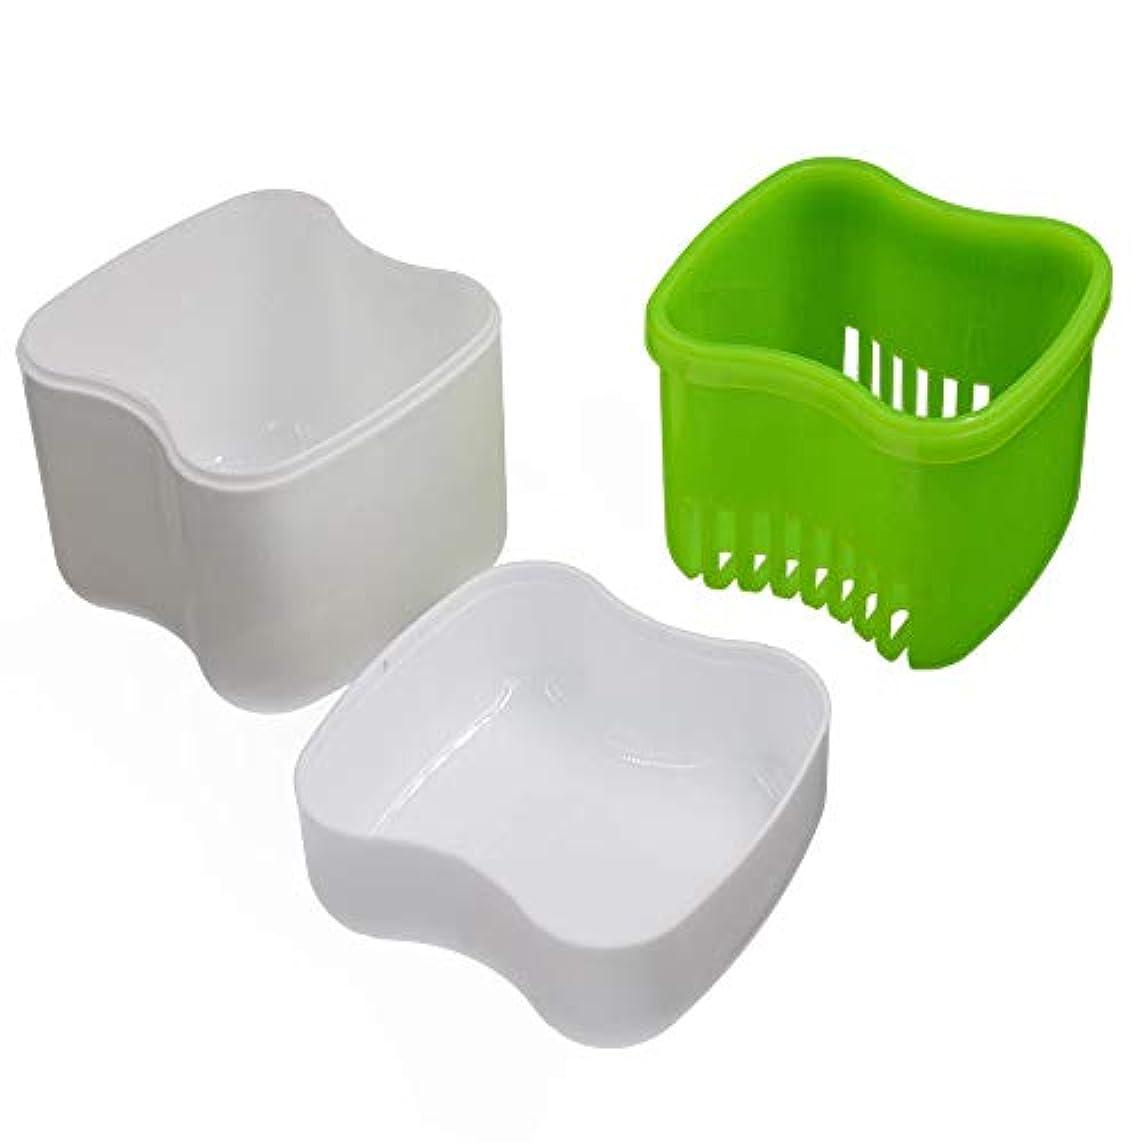 消毒剤拡散する不要Lazayyii 義歯 歯箱 ヨーロッパ バスボックスケース歯科偽歯収納容器すすぎバスケット (グリーン)